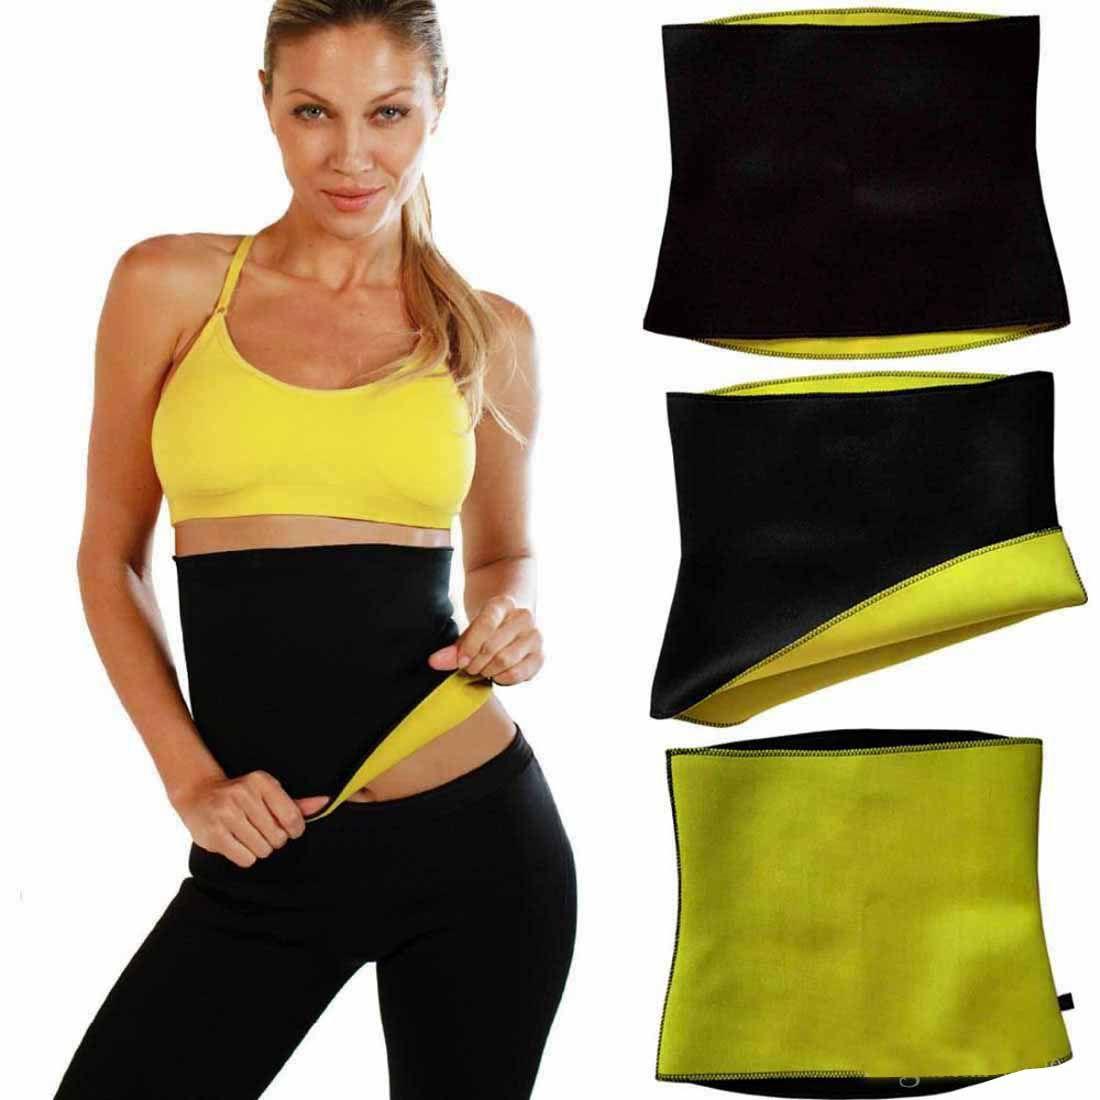 1b77430d5492a SJ XXXL Hot Shaper Belly Tummy Slimming Waist Trimmer Belt Support Weight  Loss Fat XXXL Sauna Belt  Buy SJ XXXL Hot Shaper Belly Tummy Slimming Waist  ...